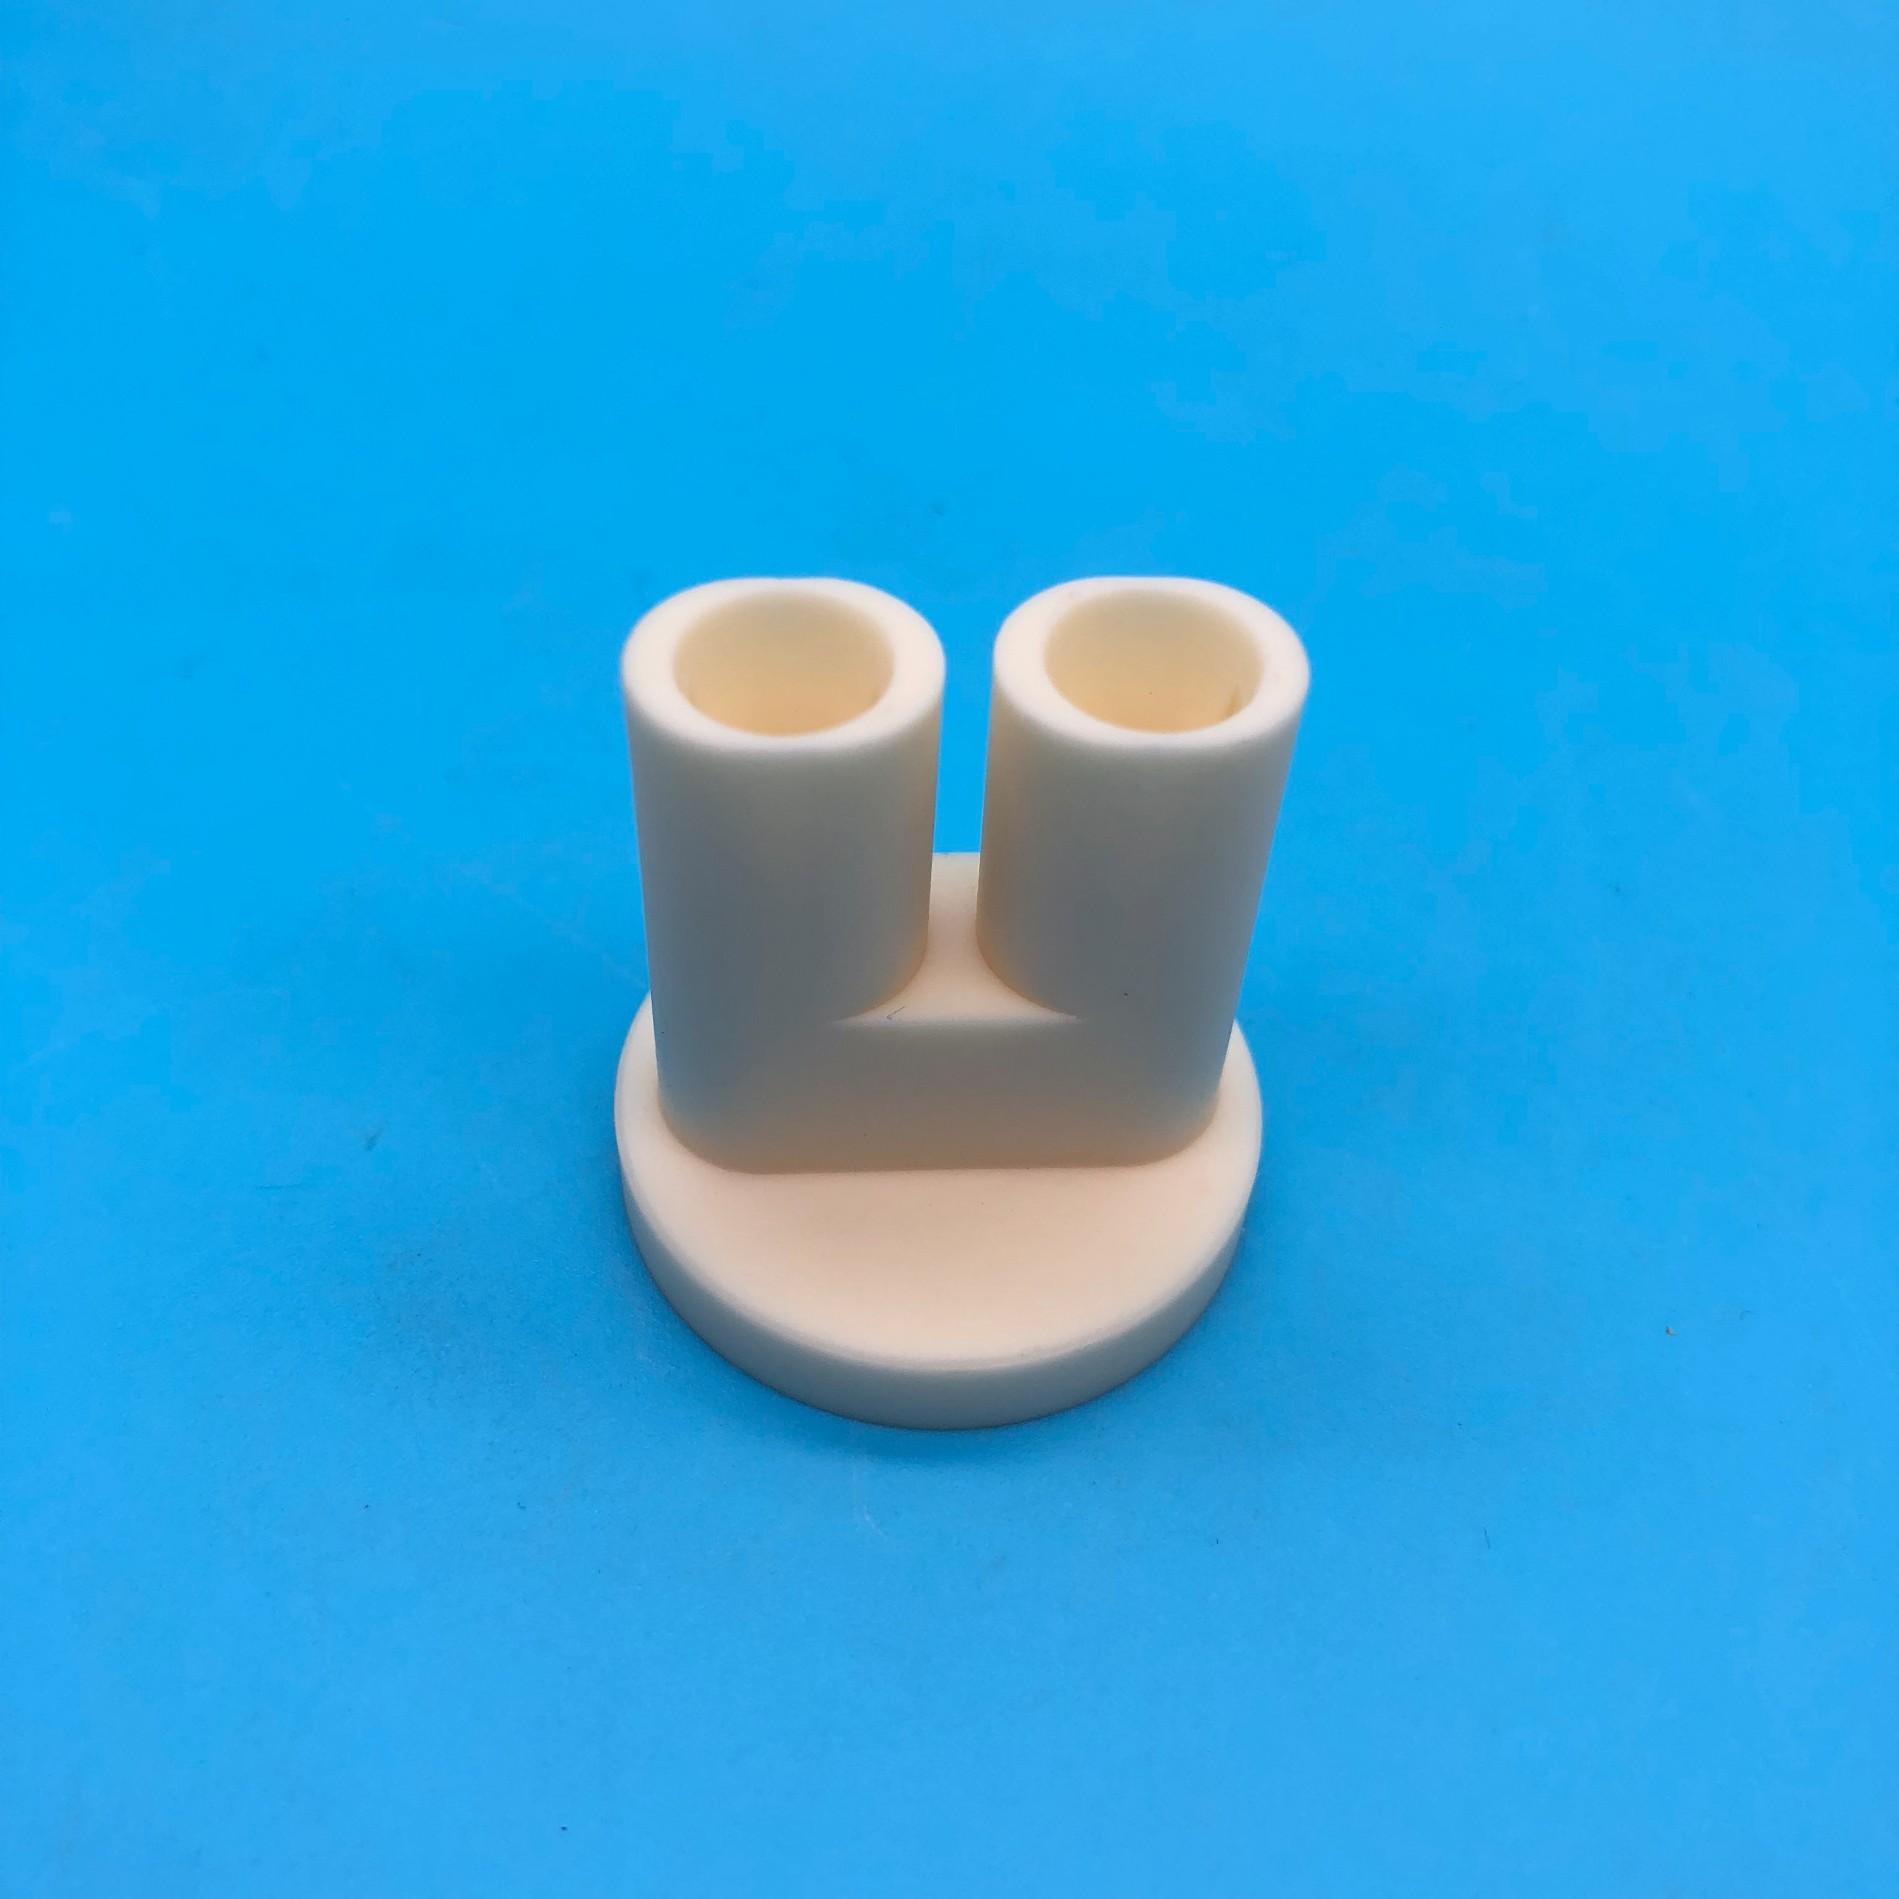 Ceramic Plating Insulators Manufacturers, Ceramic Plating Insulators Factory, Supply Ceramic Plating Insulators